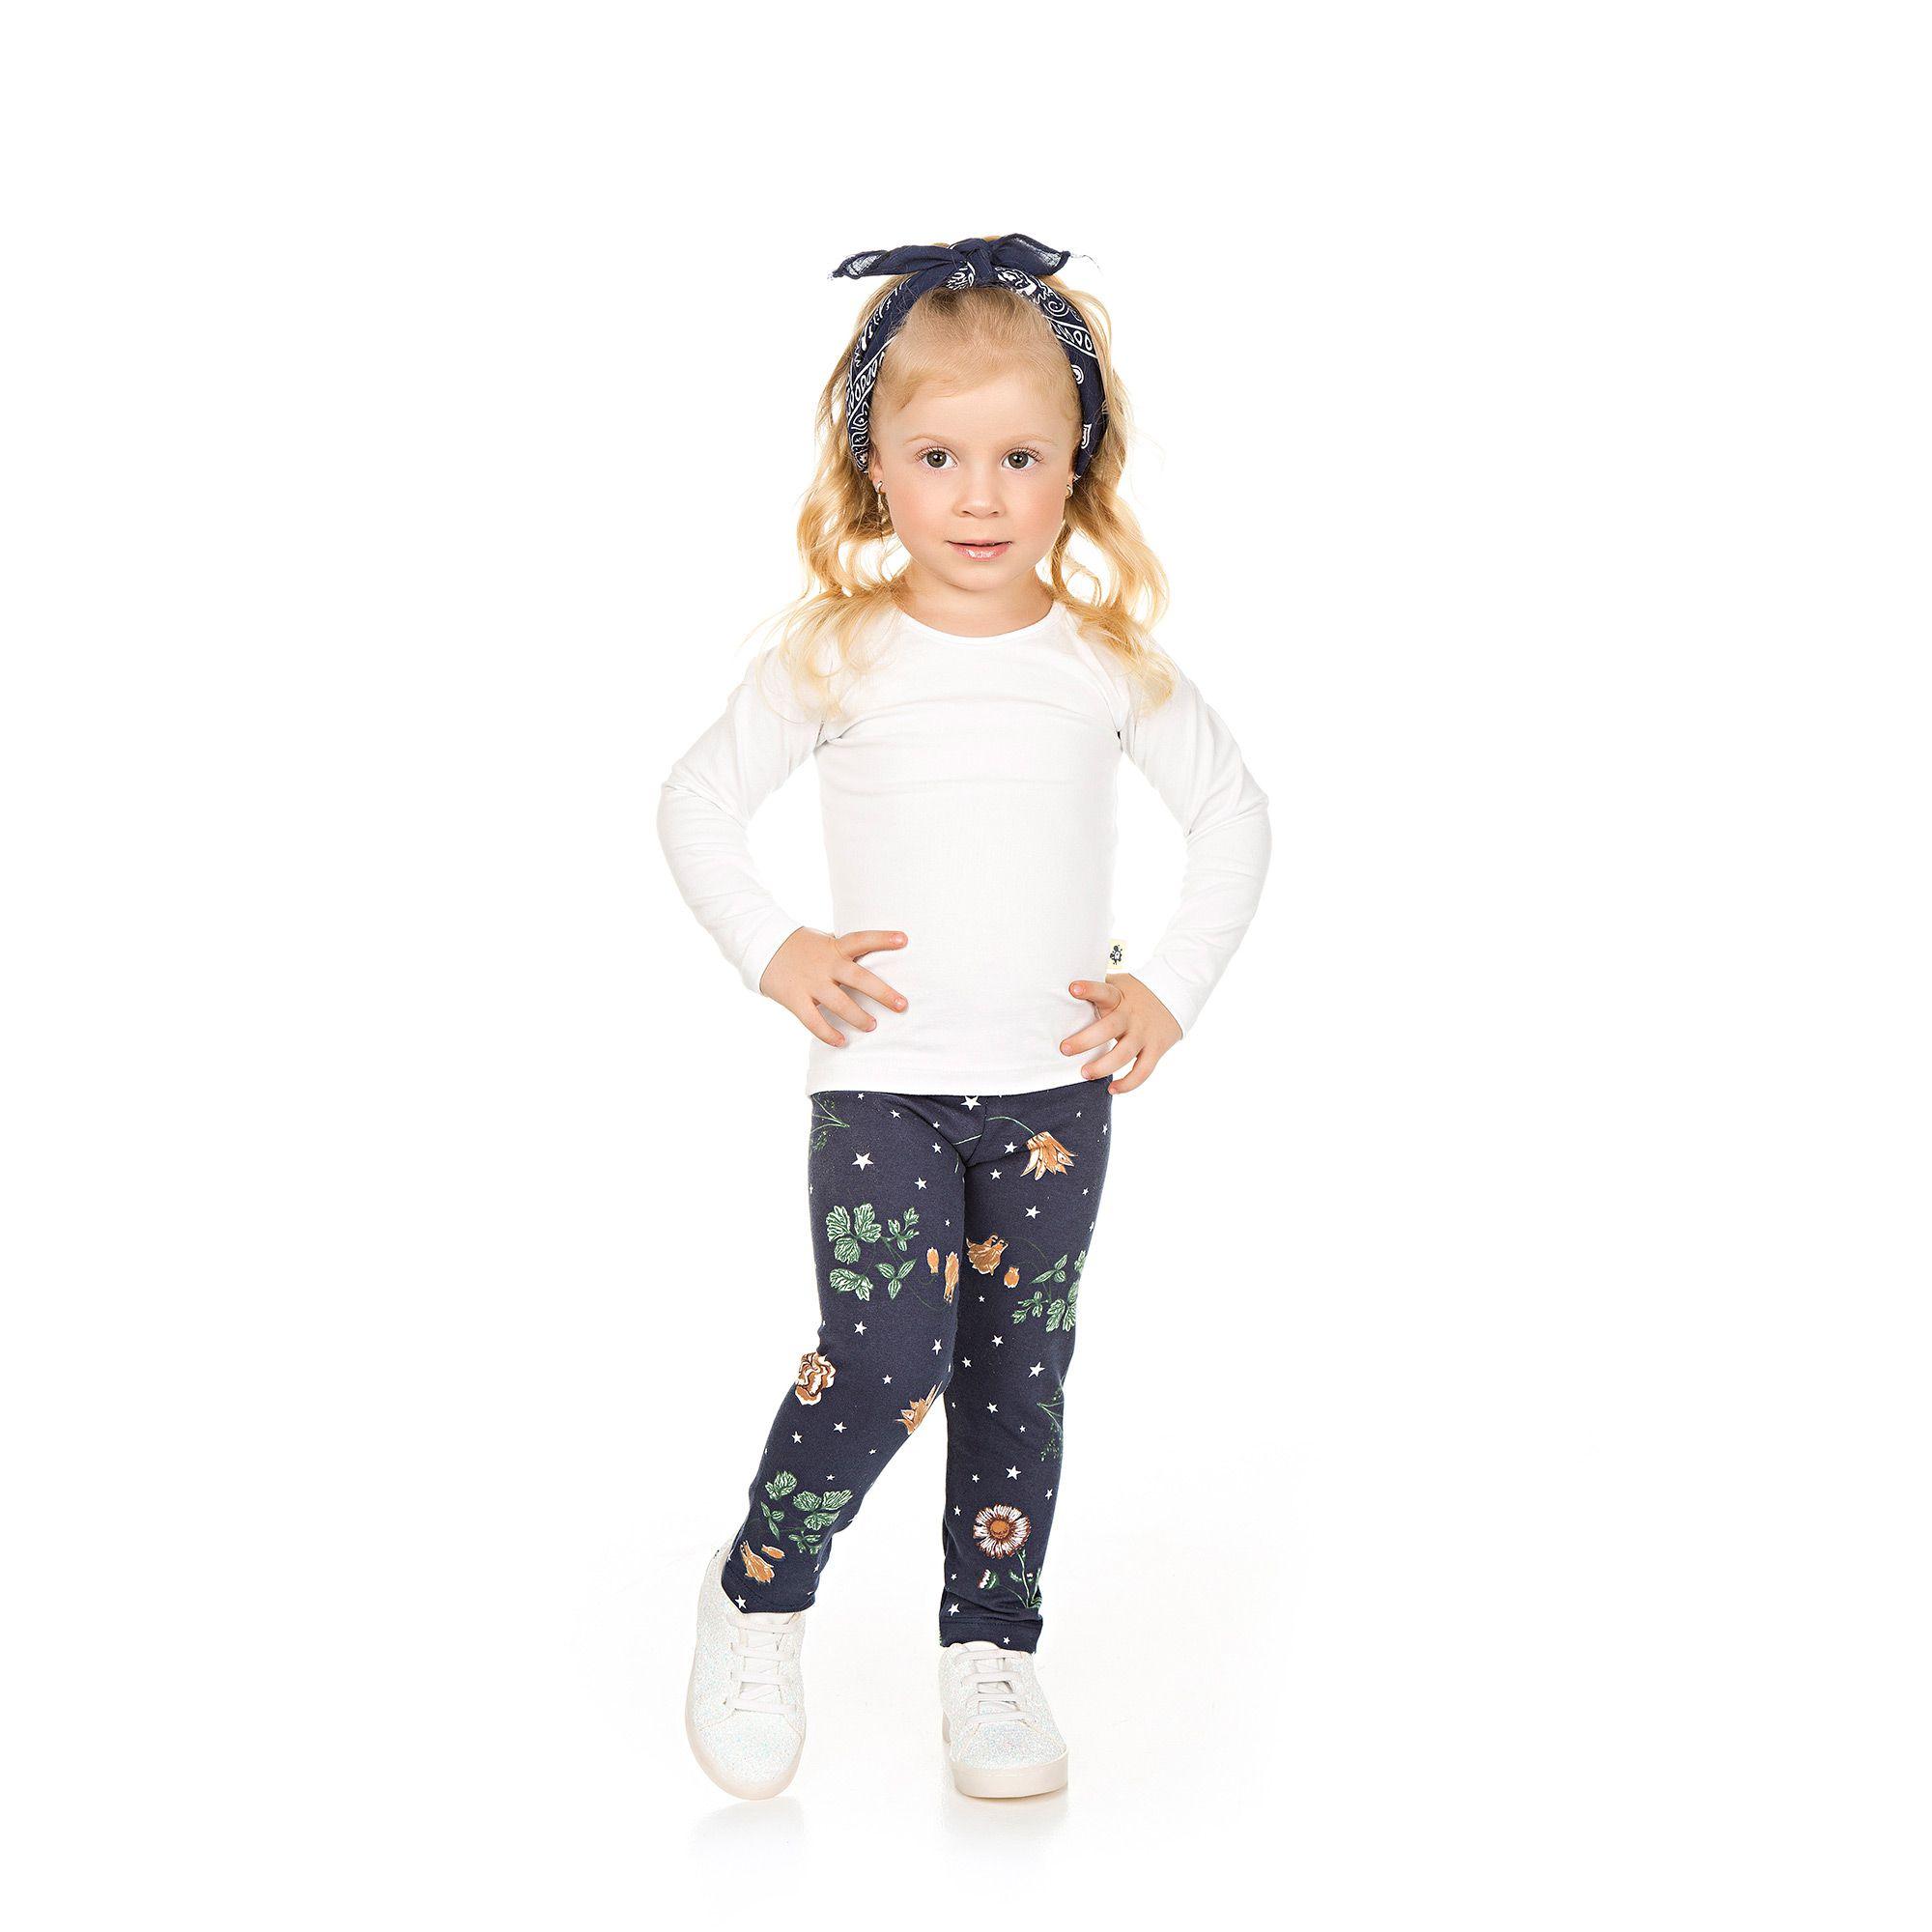 Calça Legging Infantil em Molecotton - Ref 4968 - E22